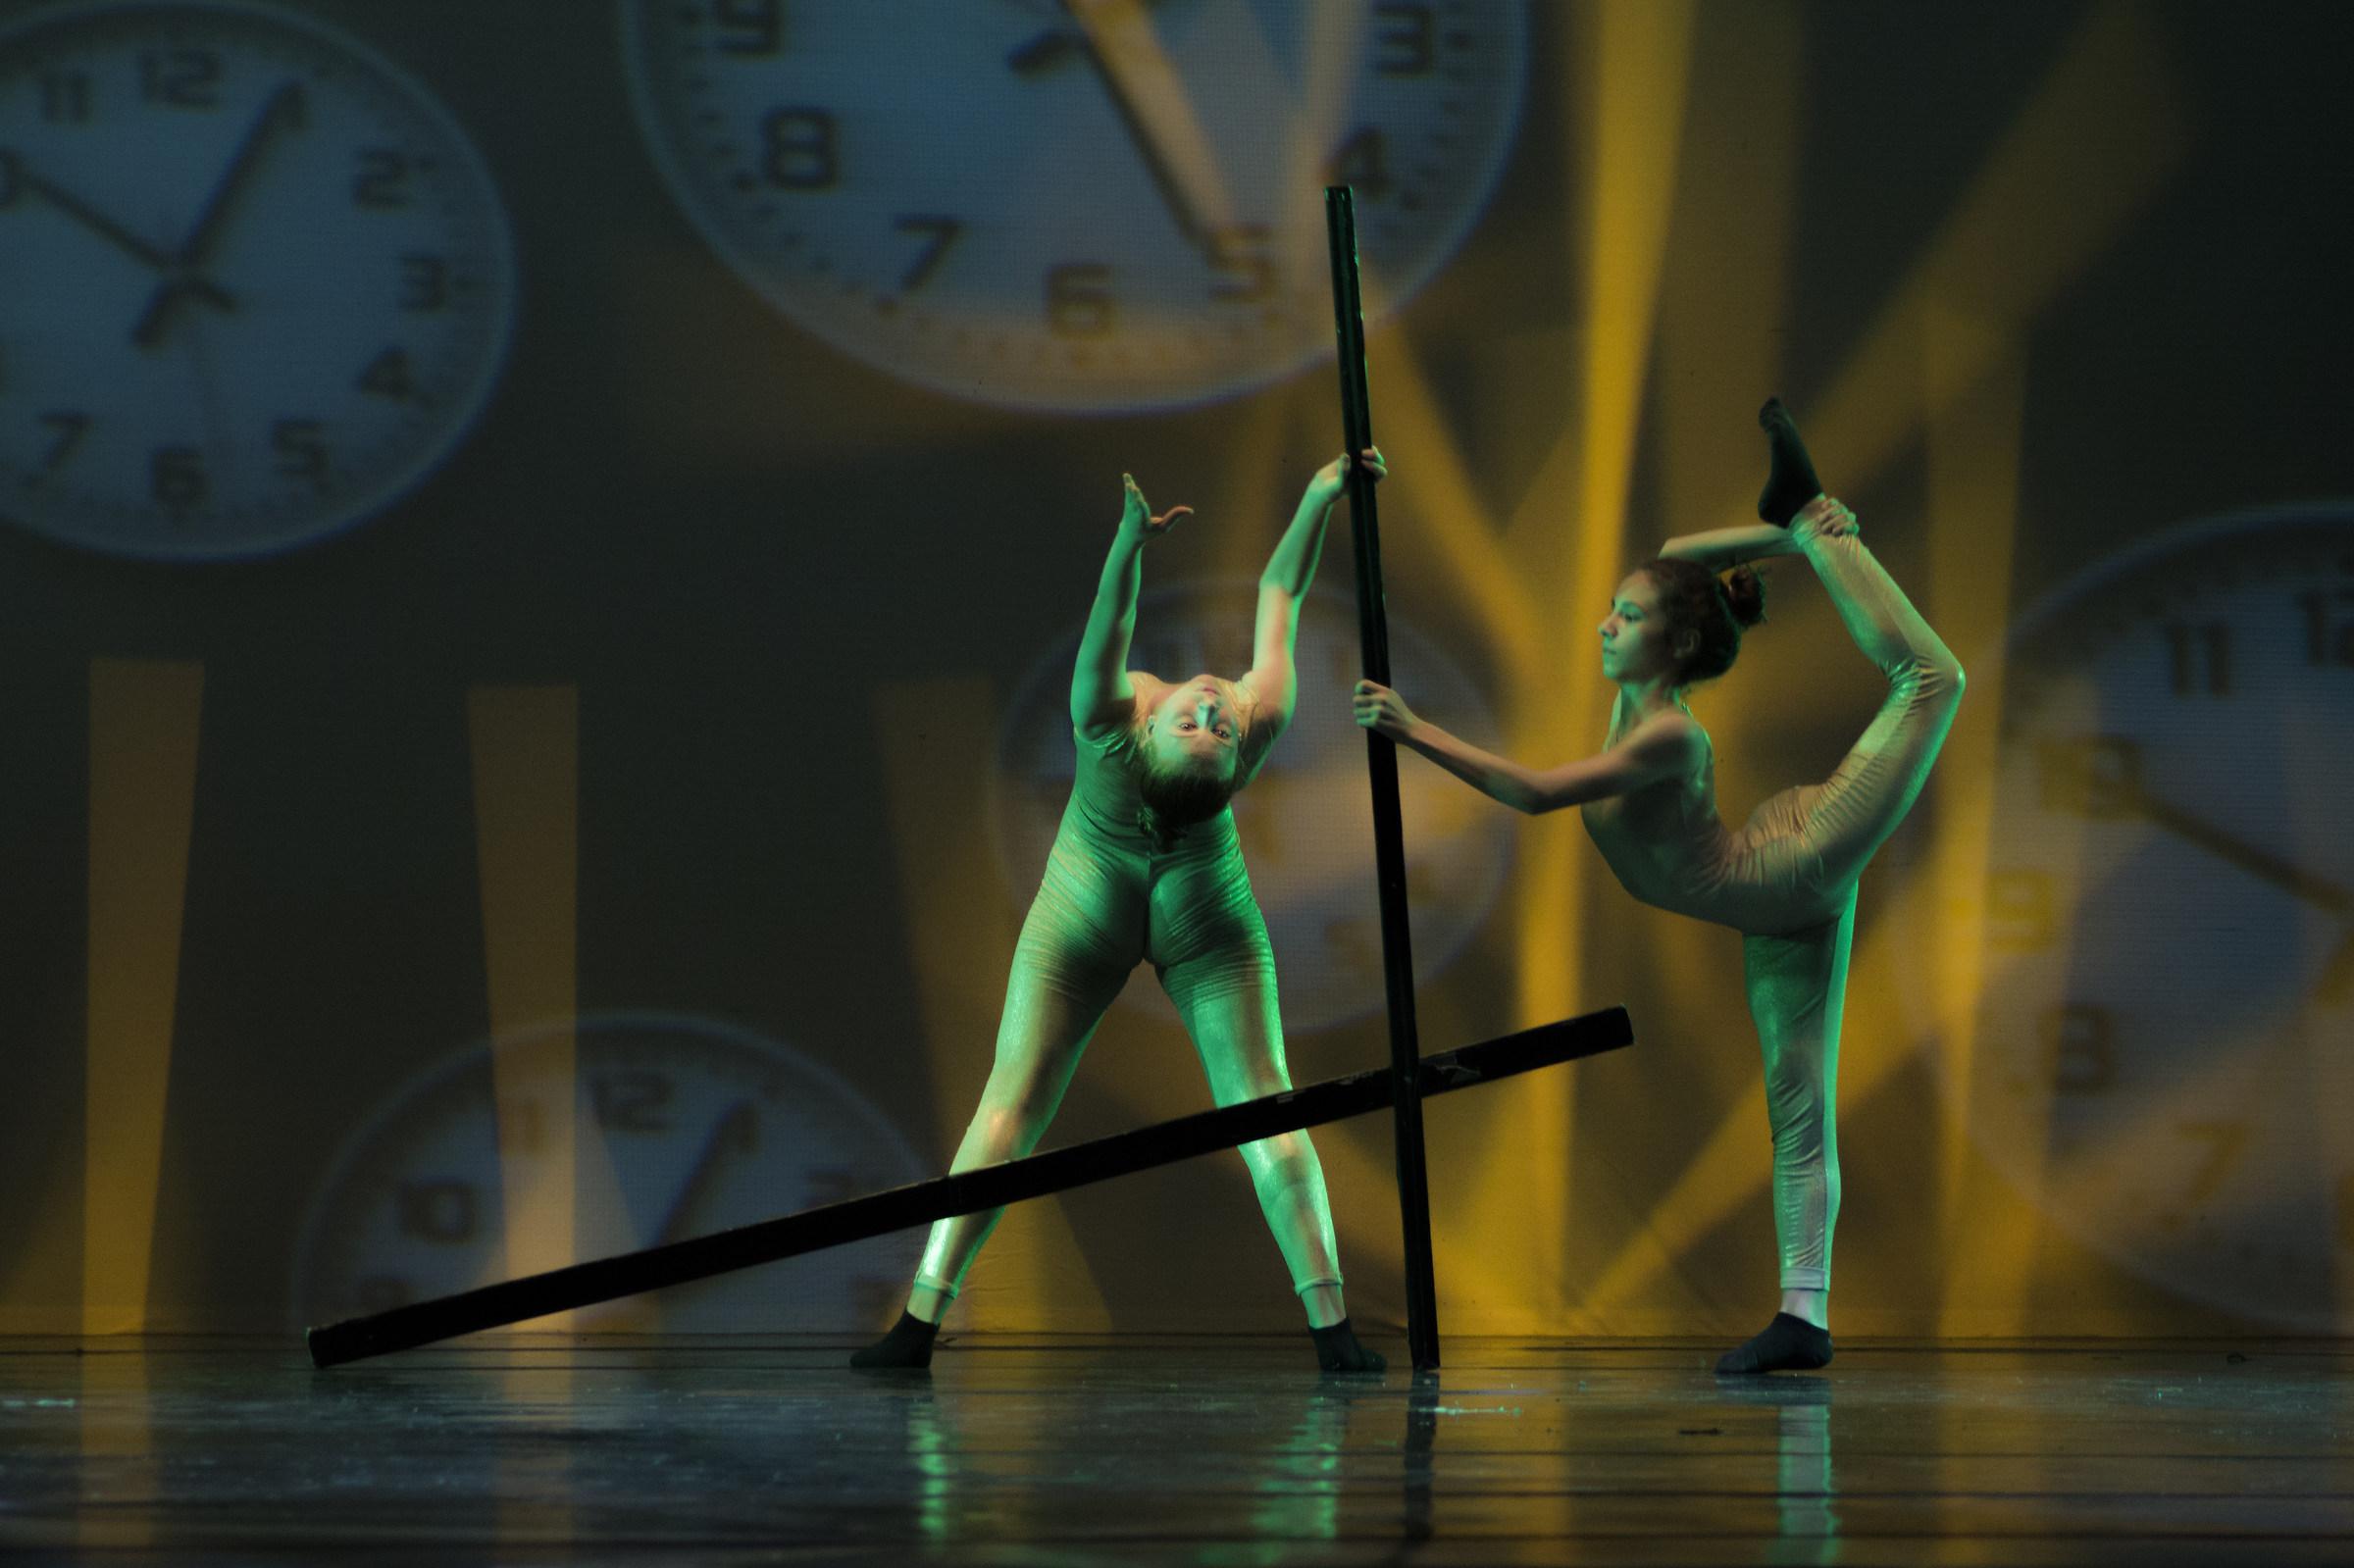 prove danzanti...